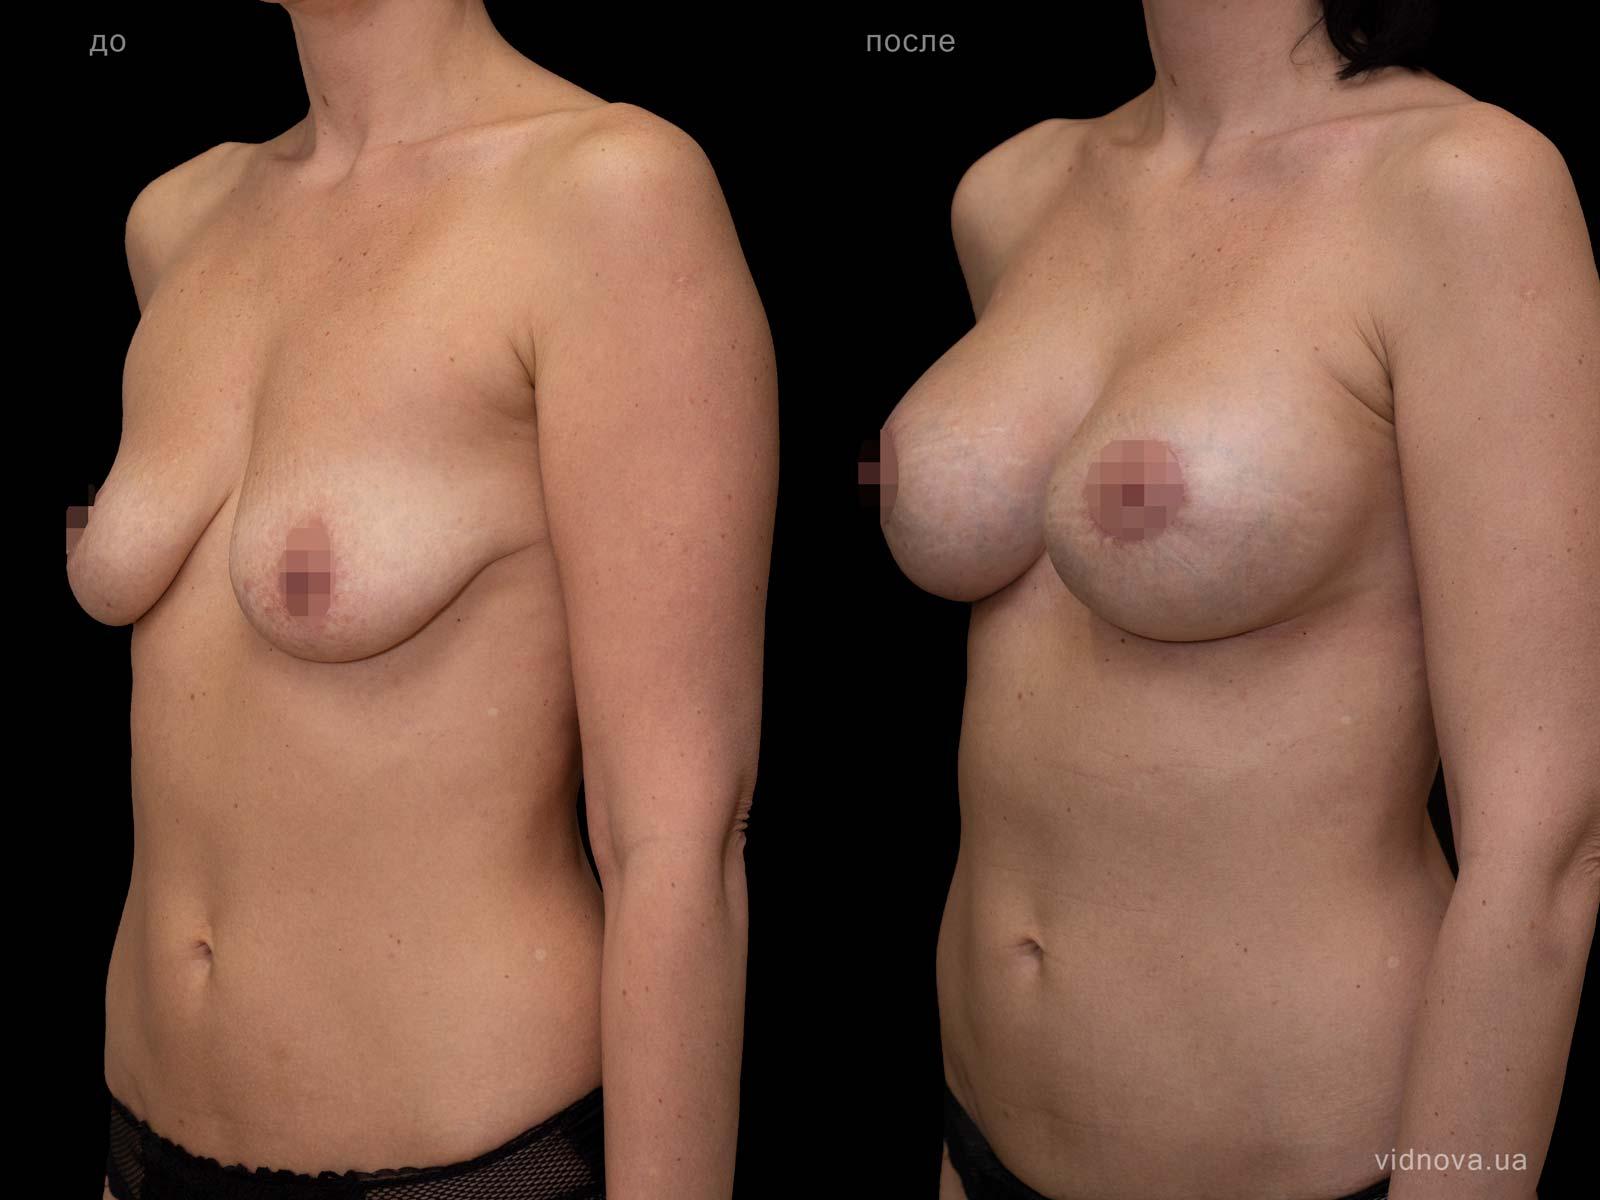 Пластика груди: результаты до и после - Пример №86-1 - Светлана Работенко